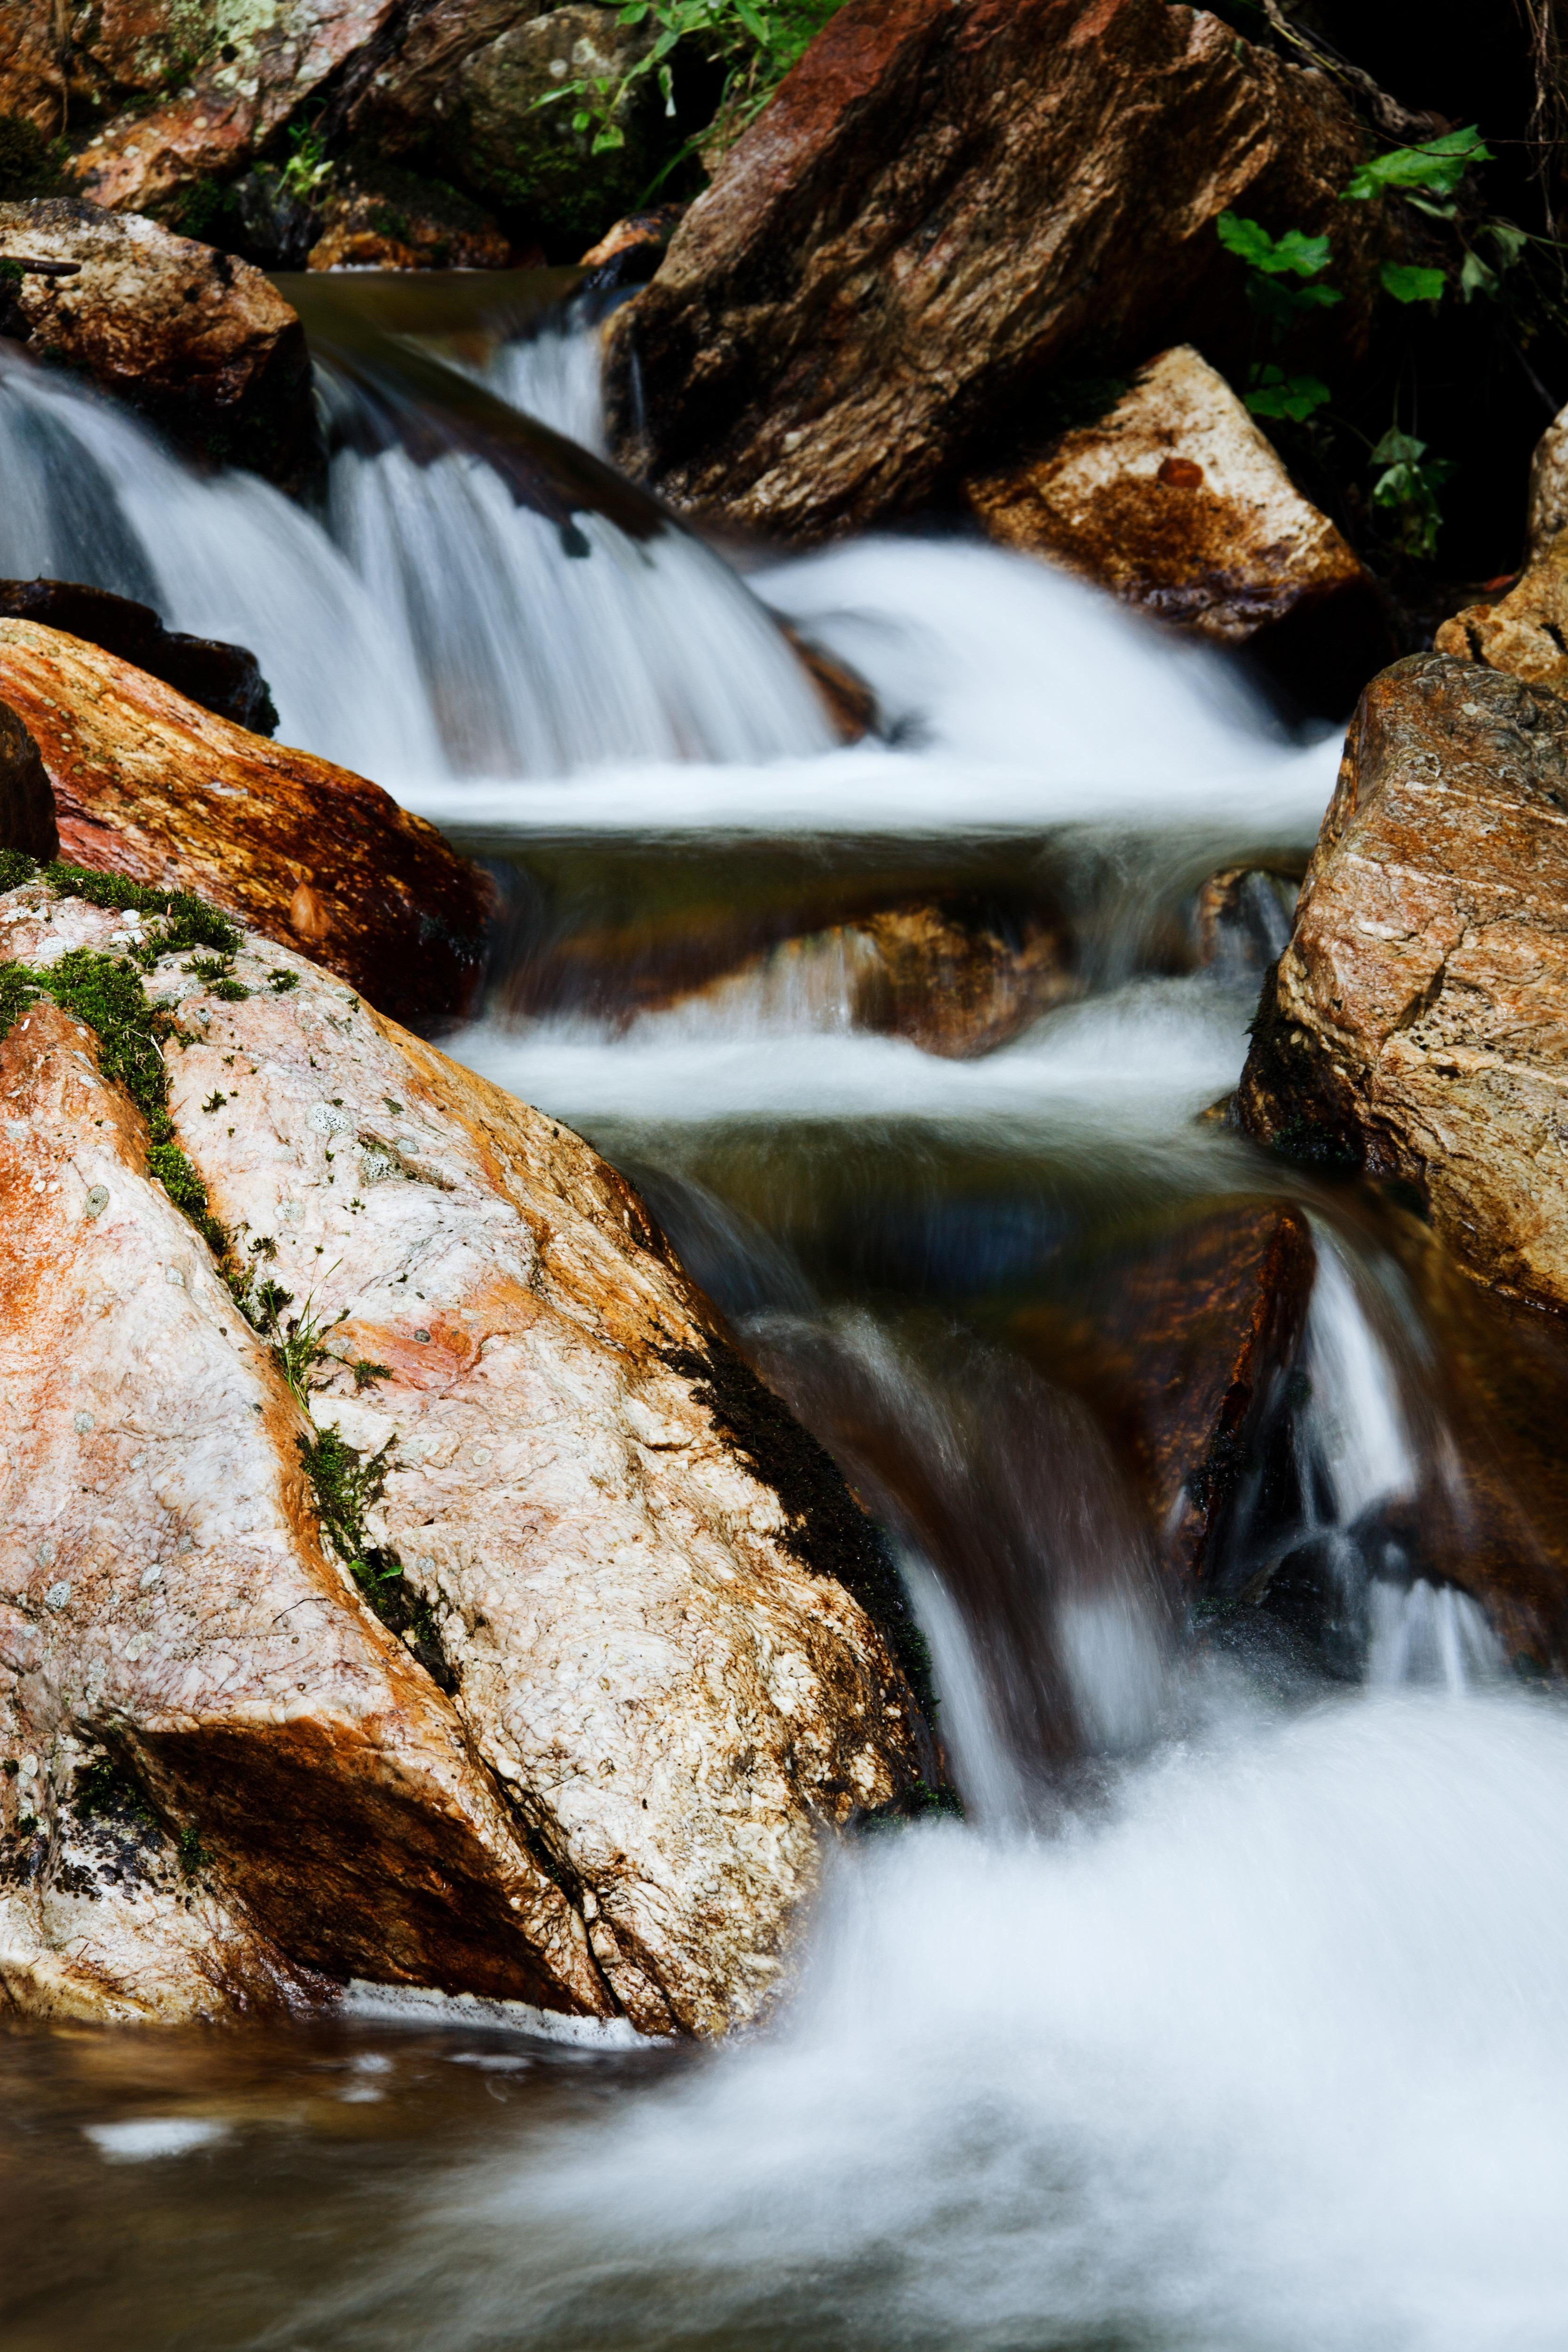 Cascade fall flow